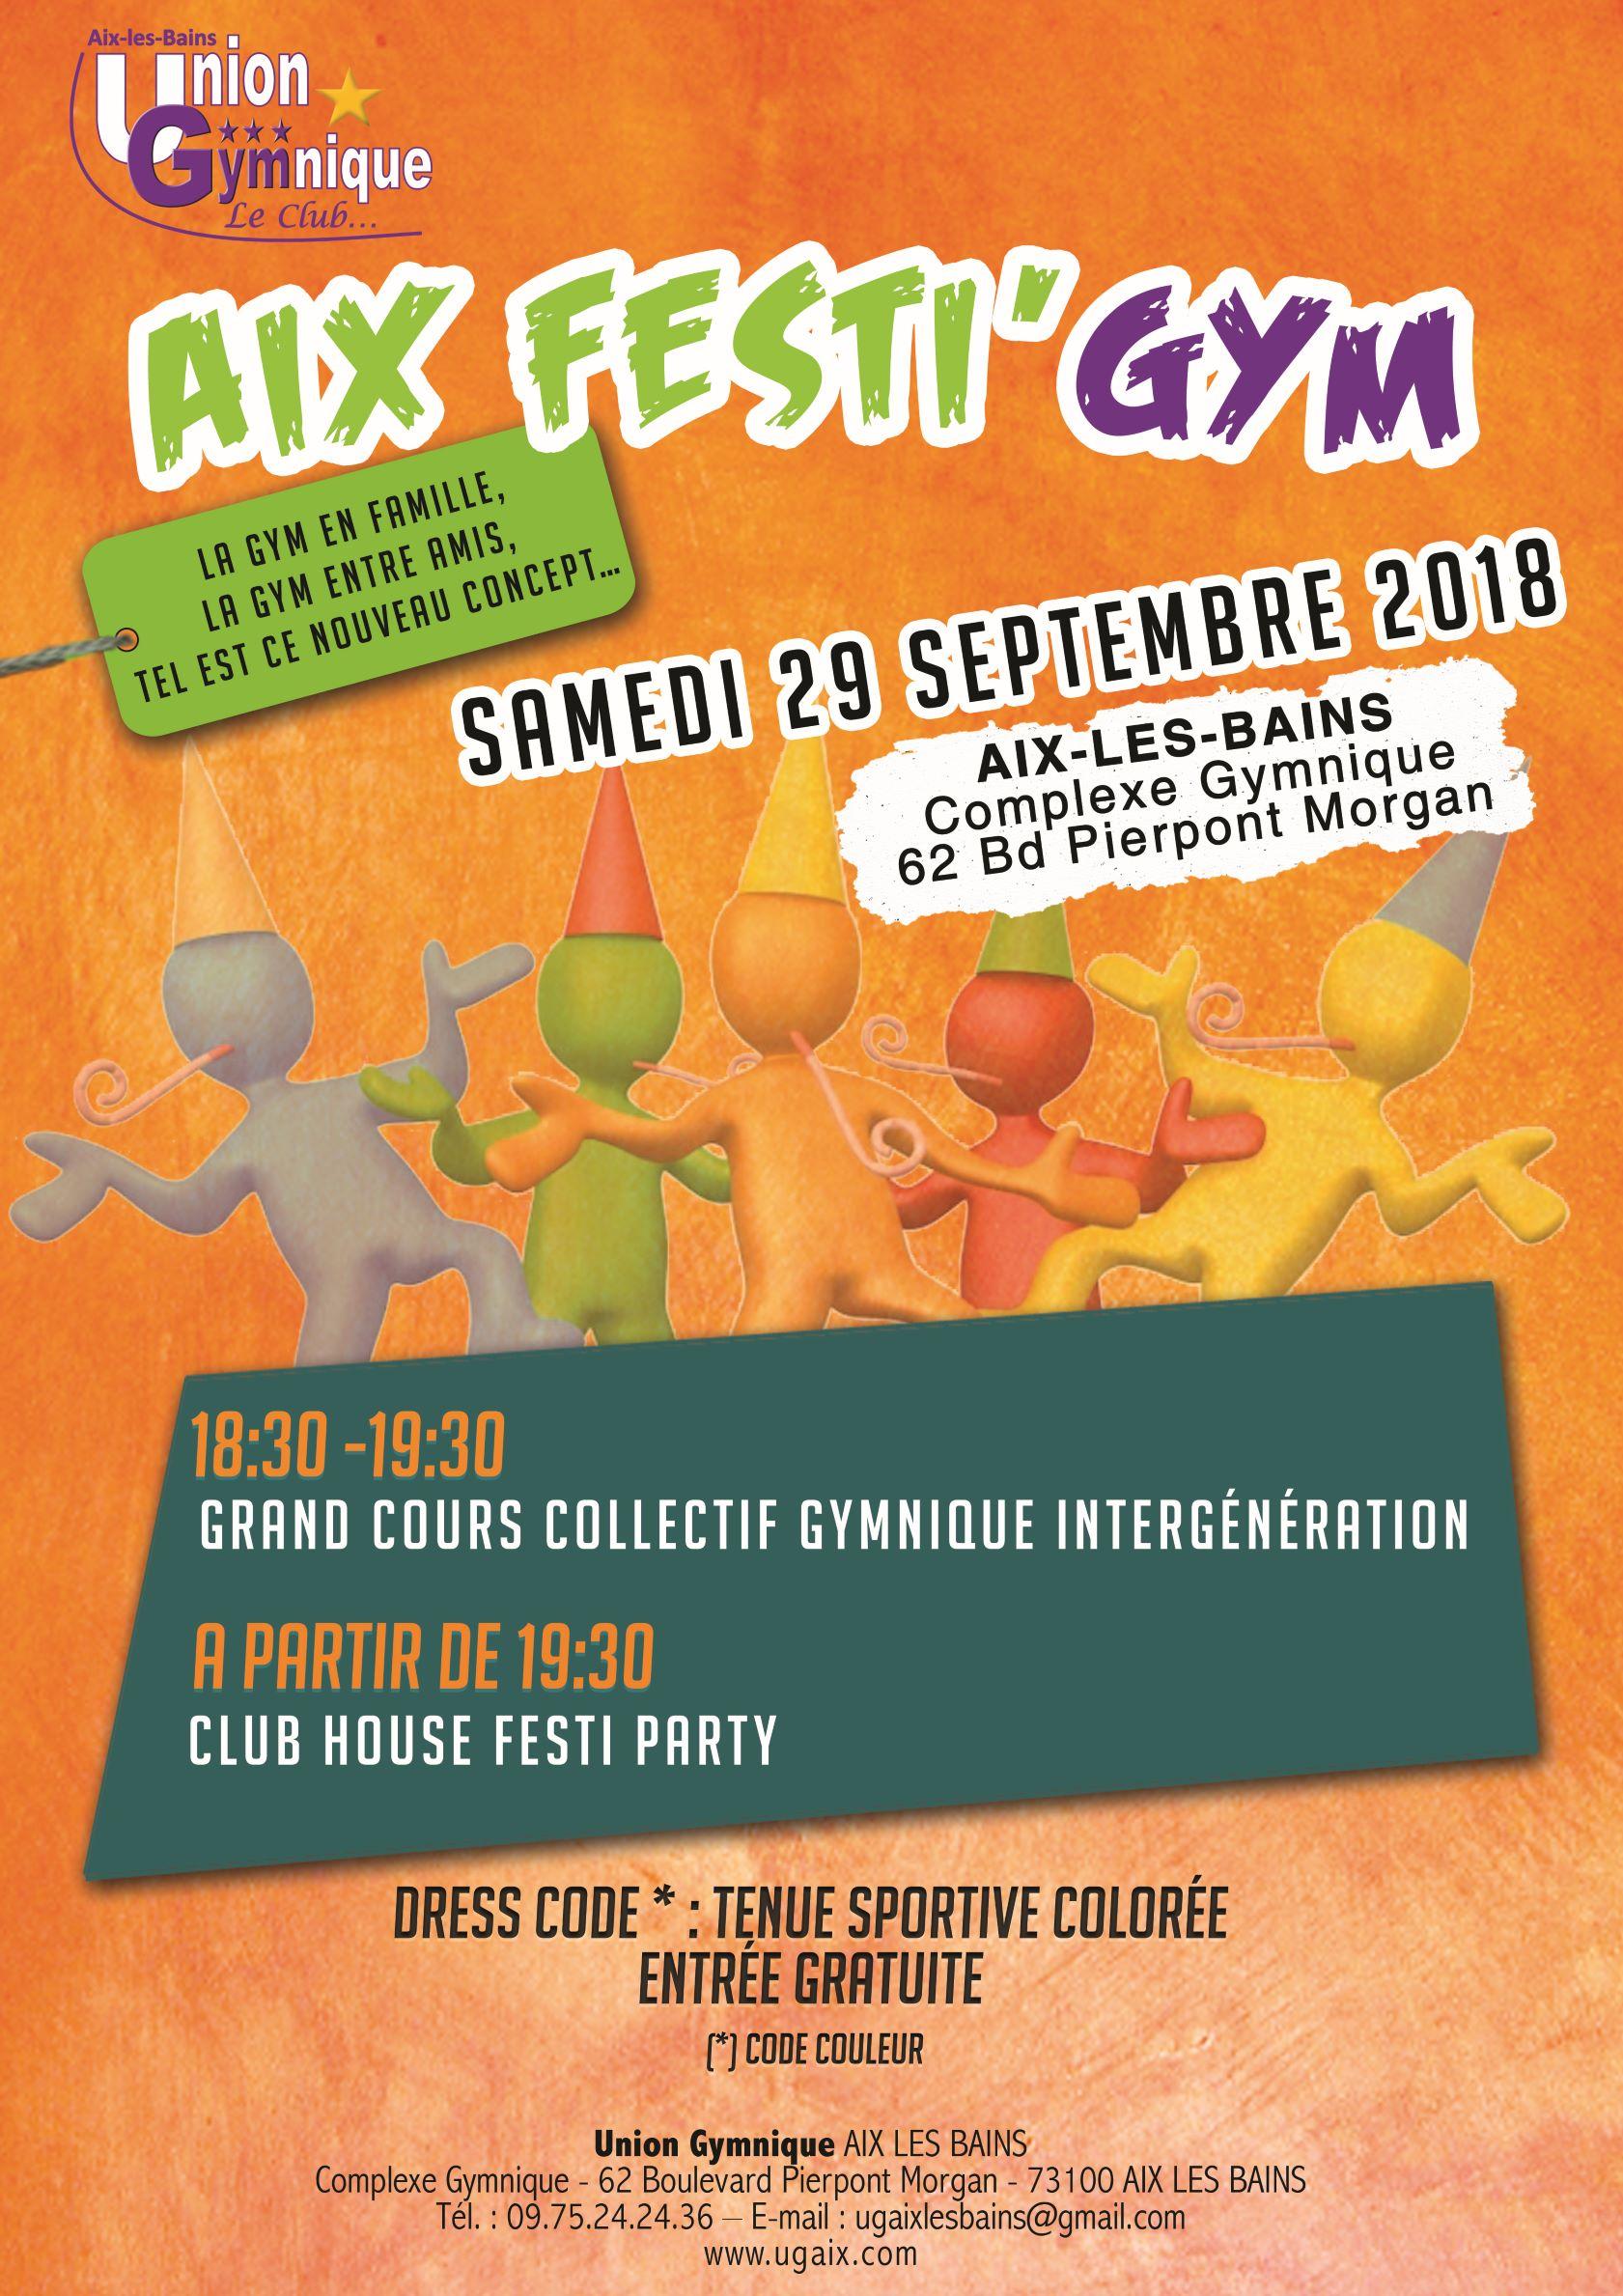 AIX Festi'Gym